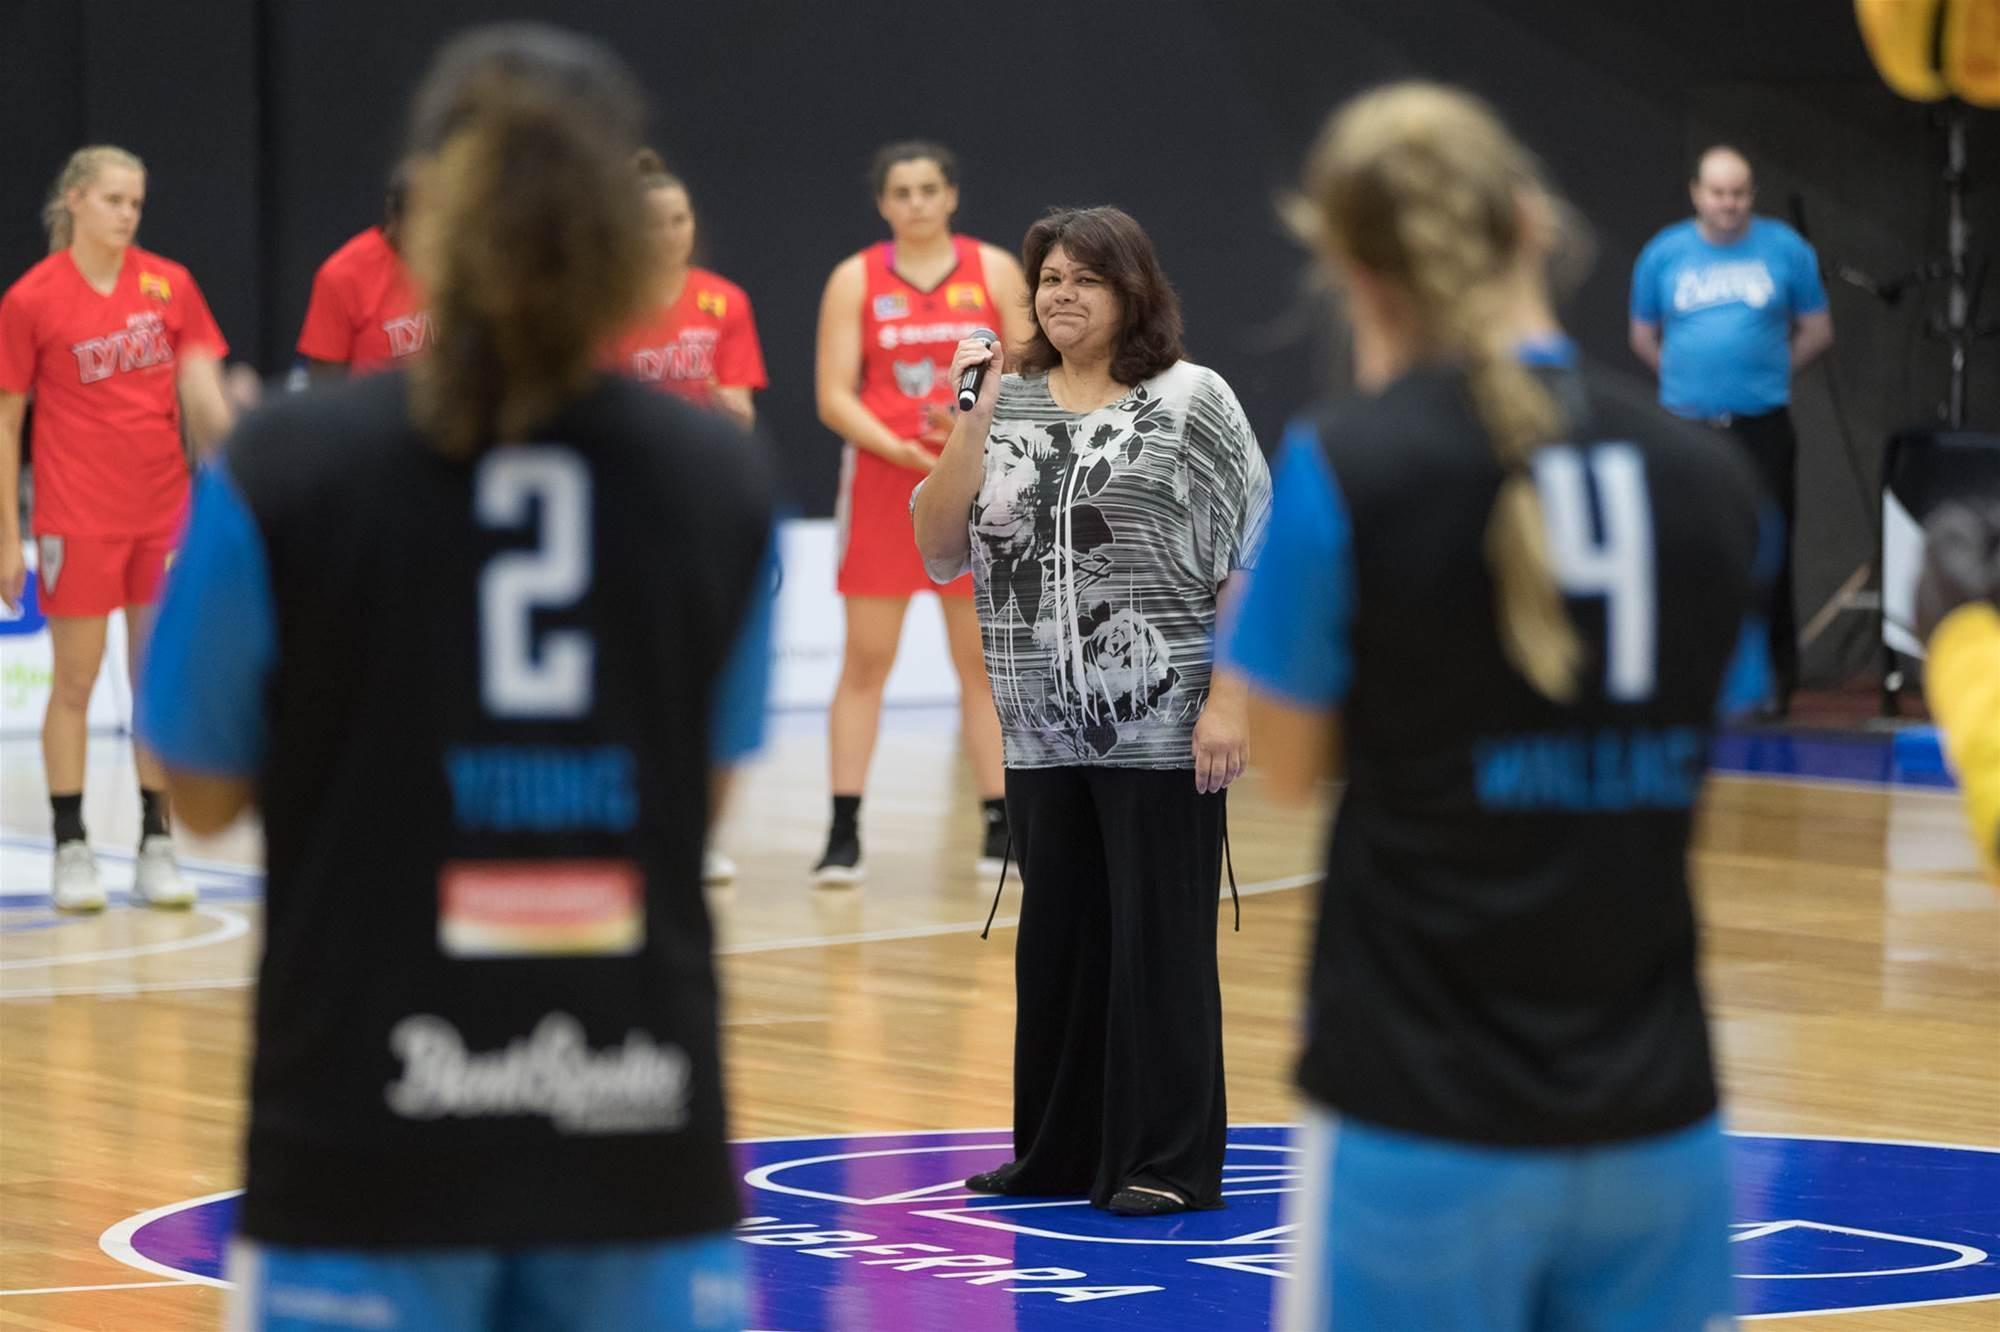 WNBL pic special: UC Capitals vs Perth Lynx